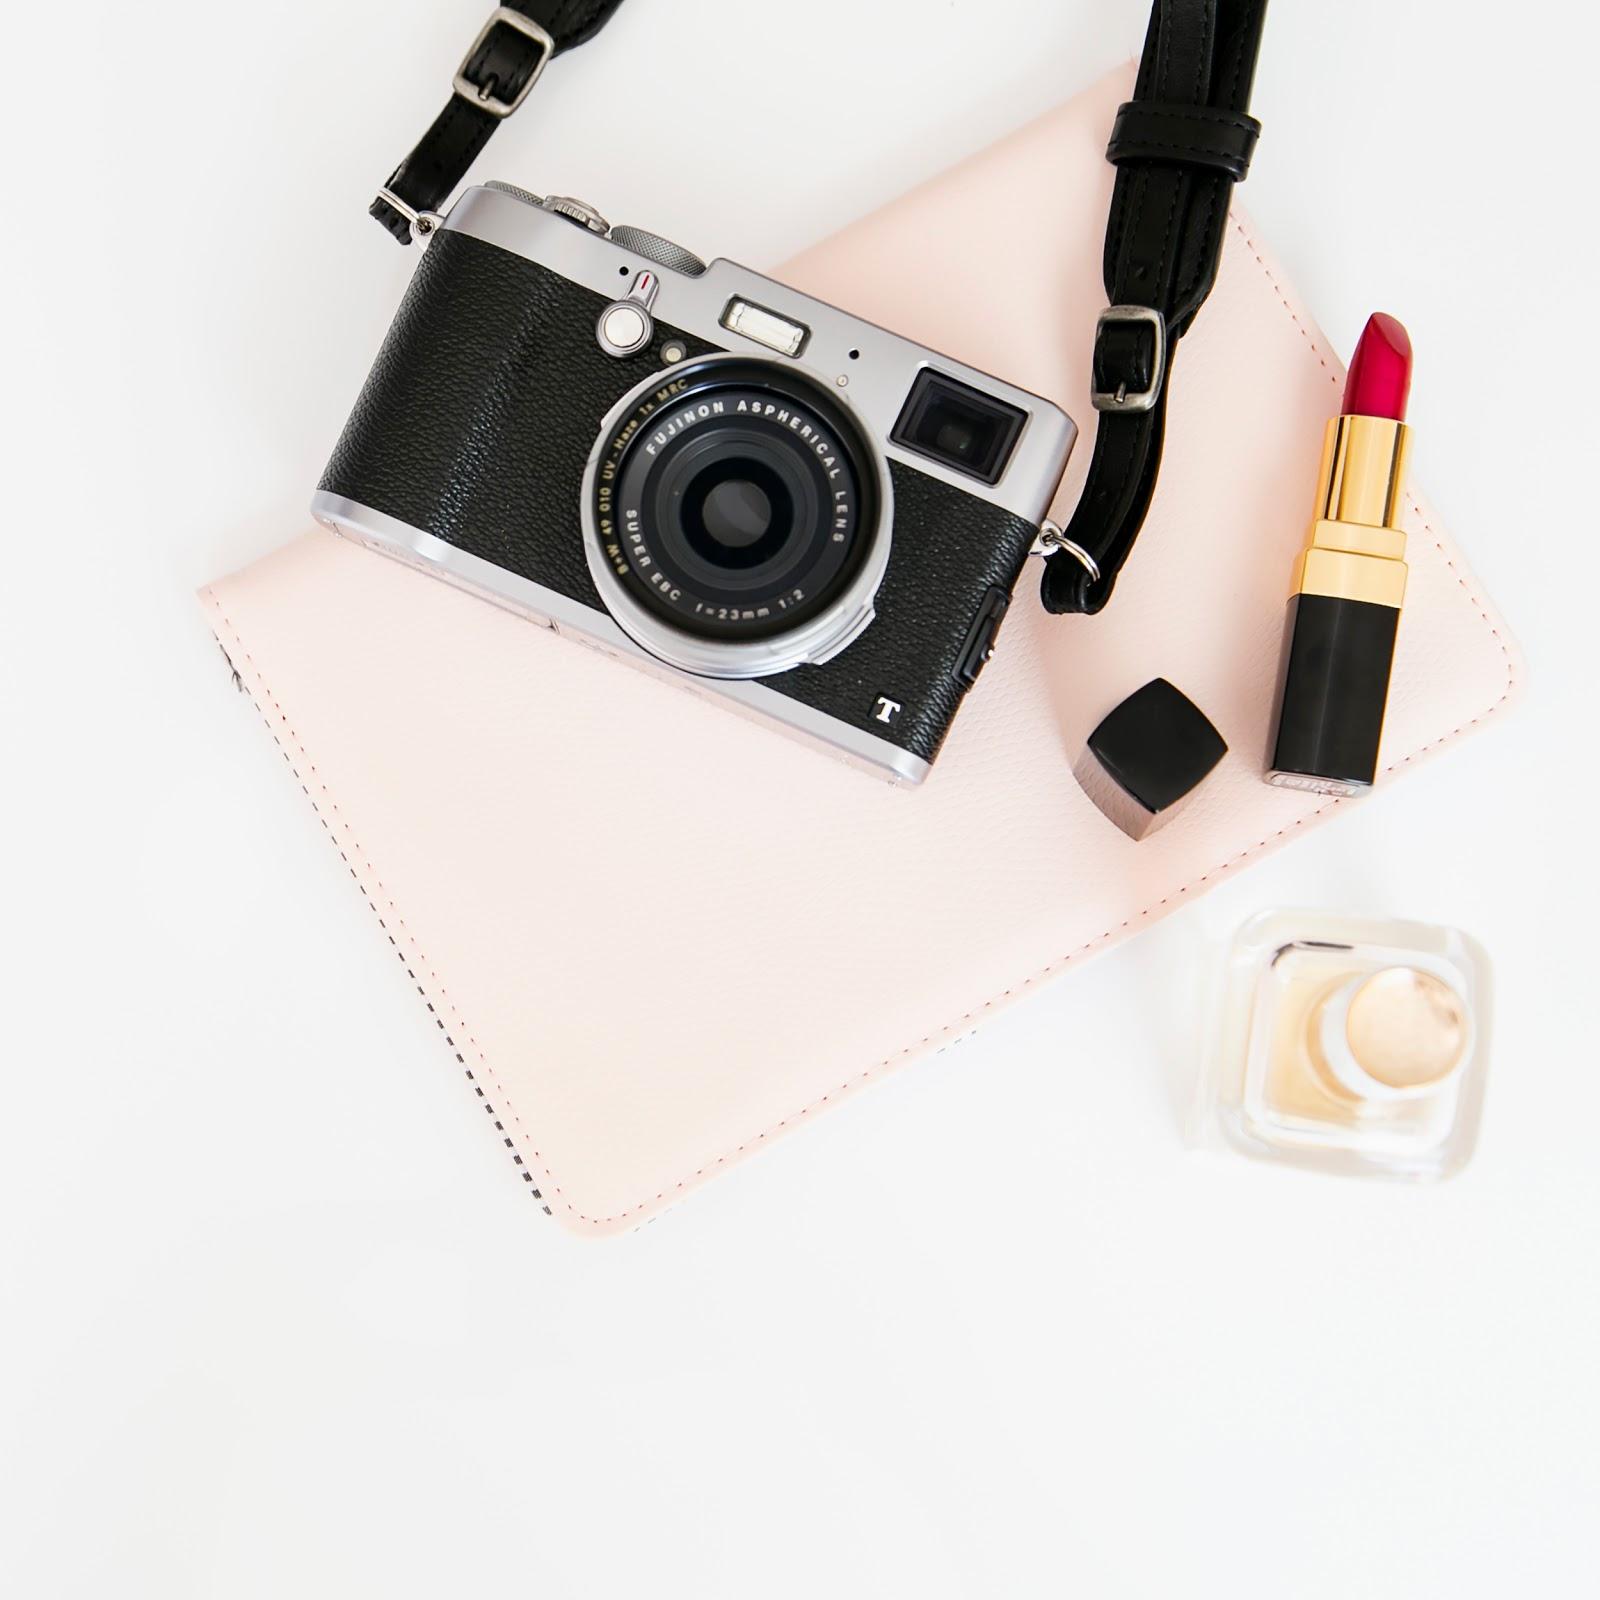 czerwona szminka, red lipstick, pewność siebie, self-confidence, self confidence, stock photo, szminka, czym jest pewność siebie, jak zyskać pewność siebie, jak być bardziej pewnym siebie